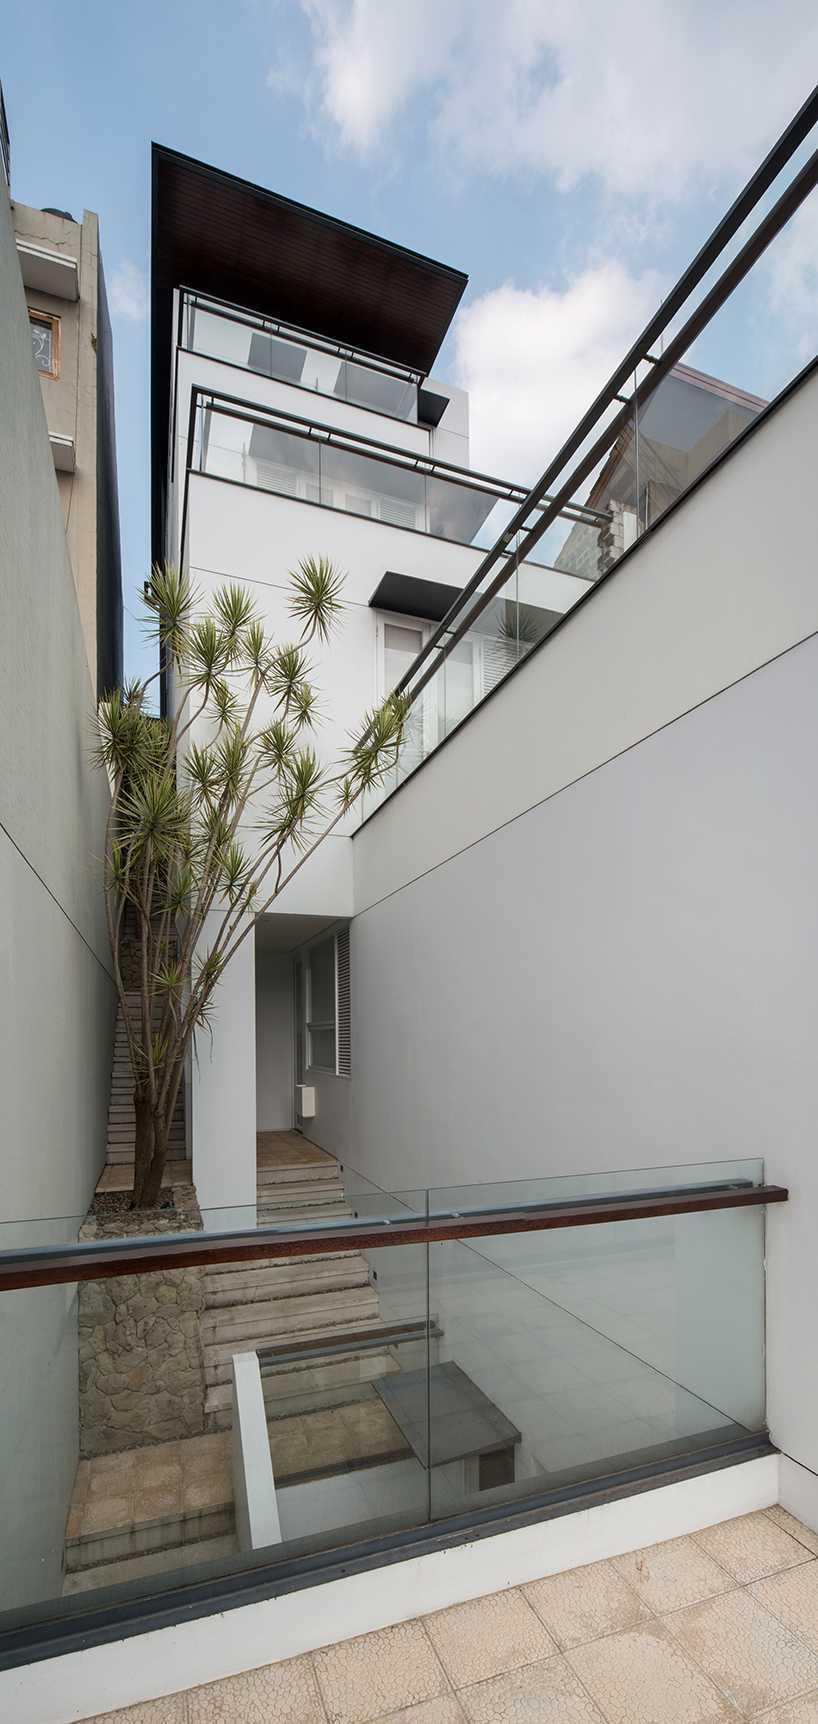 Akses antar massa bangunan berupa lorong-lorong tangga selebar 90 cm dengan sirkulasi yang baik agar perjalanan antar massa terasa lebih nyaman. Lorong tangga juga menjadi suplai udara dan pencahayaan alami untuk bangunan yang berhimpit dengan tetangga.